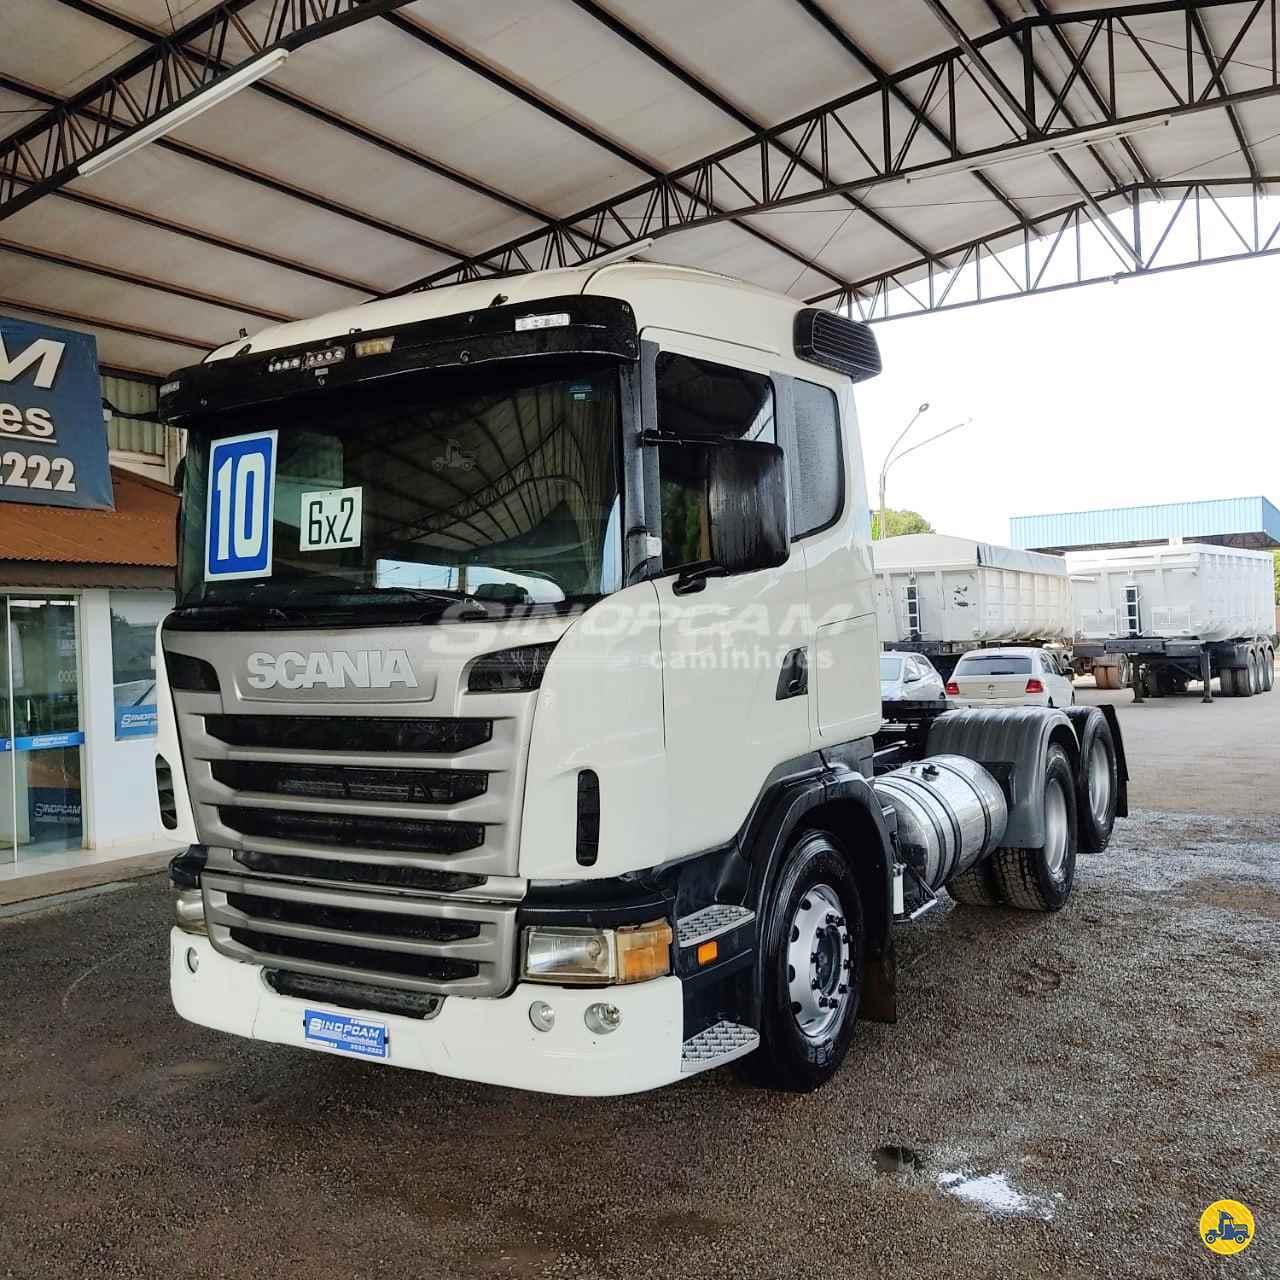 CAMINHAO SCANIA SCANIA 420 Cavalo Mecânico Truck 6x2 SinopCam Caminhões SINOP MATO GROSSO MT